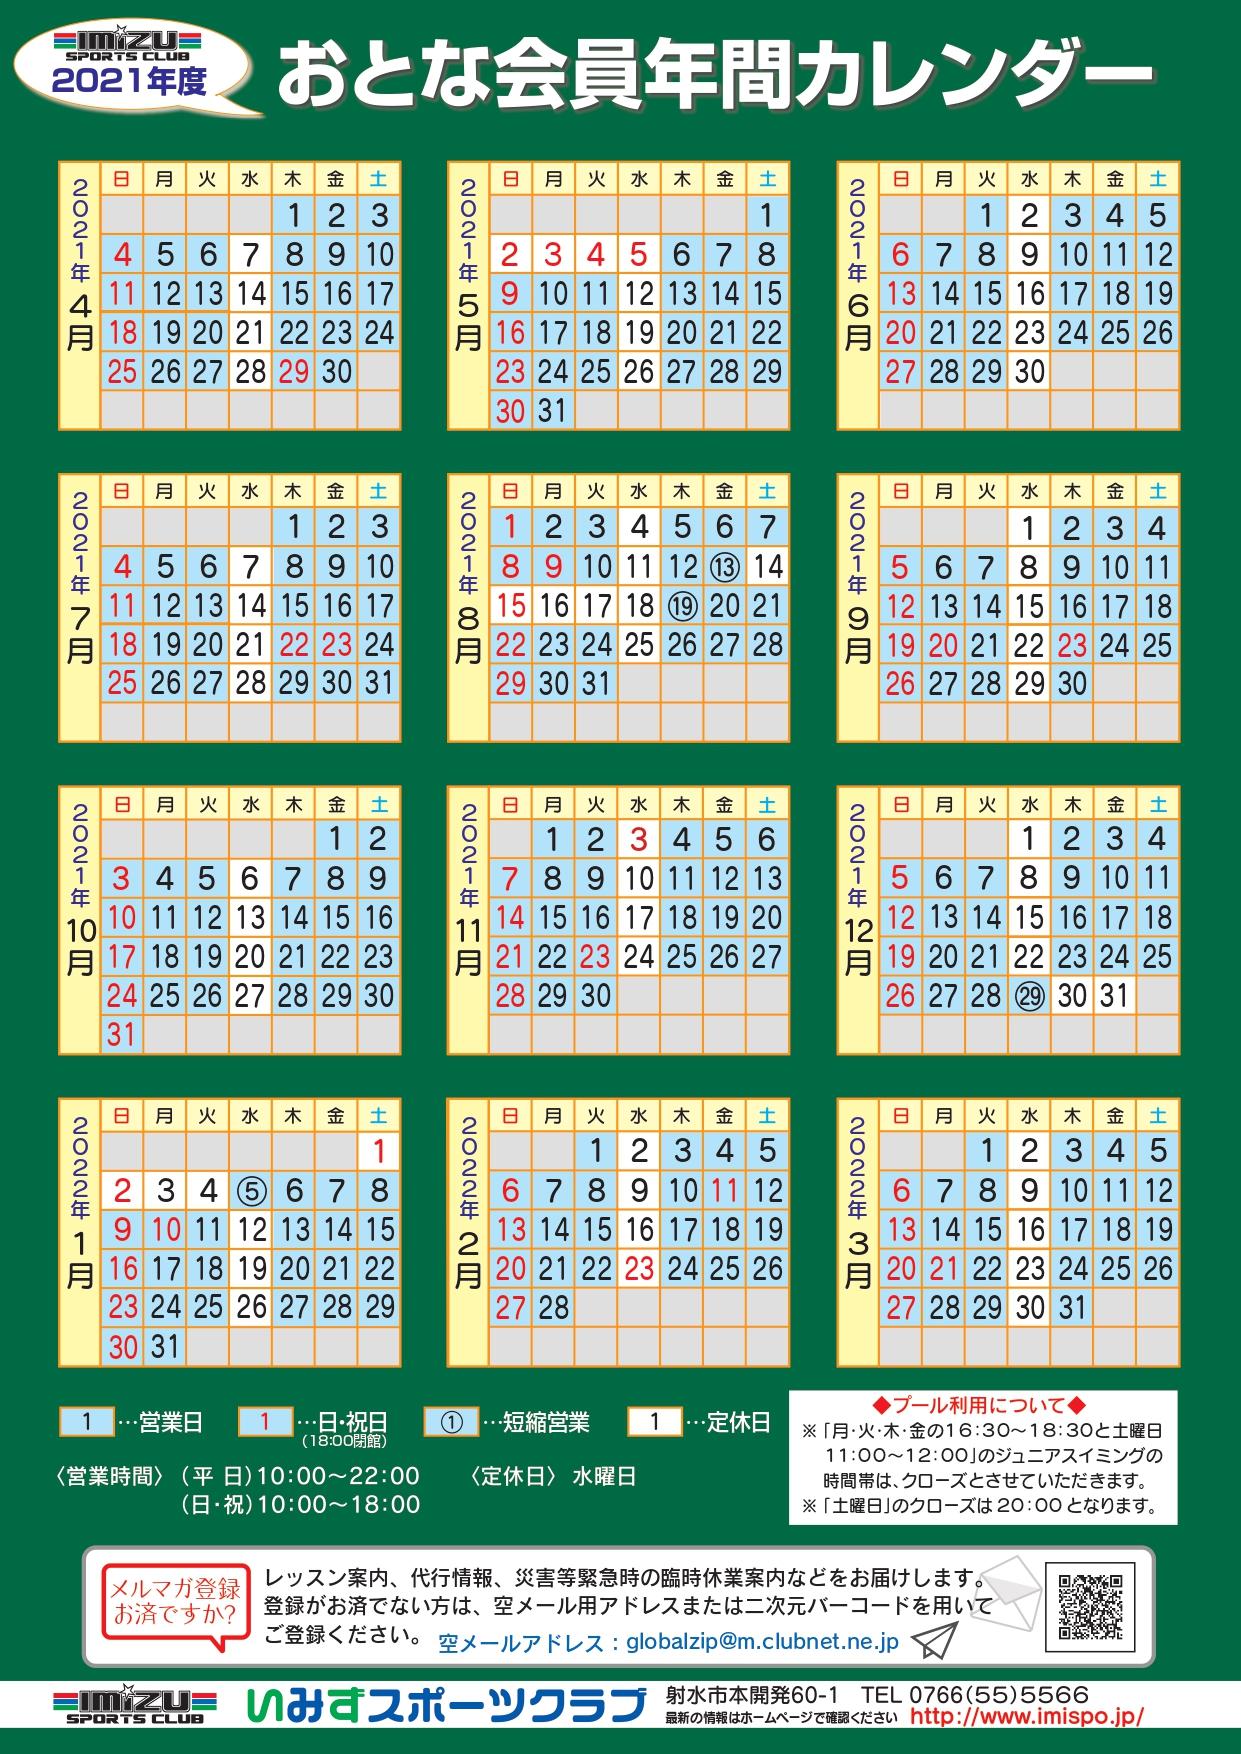 フィットネス年間カレンダー2021年度